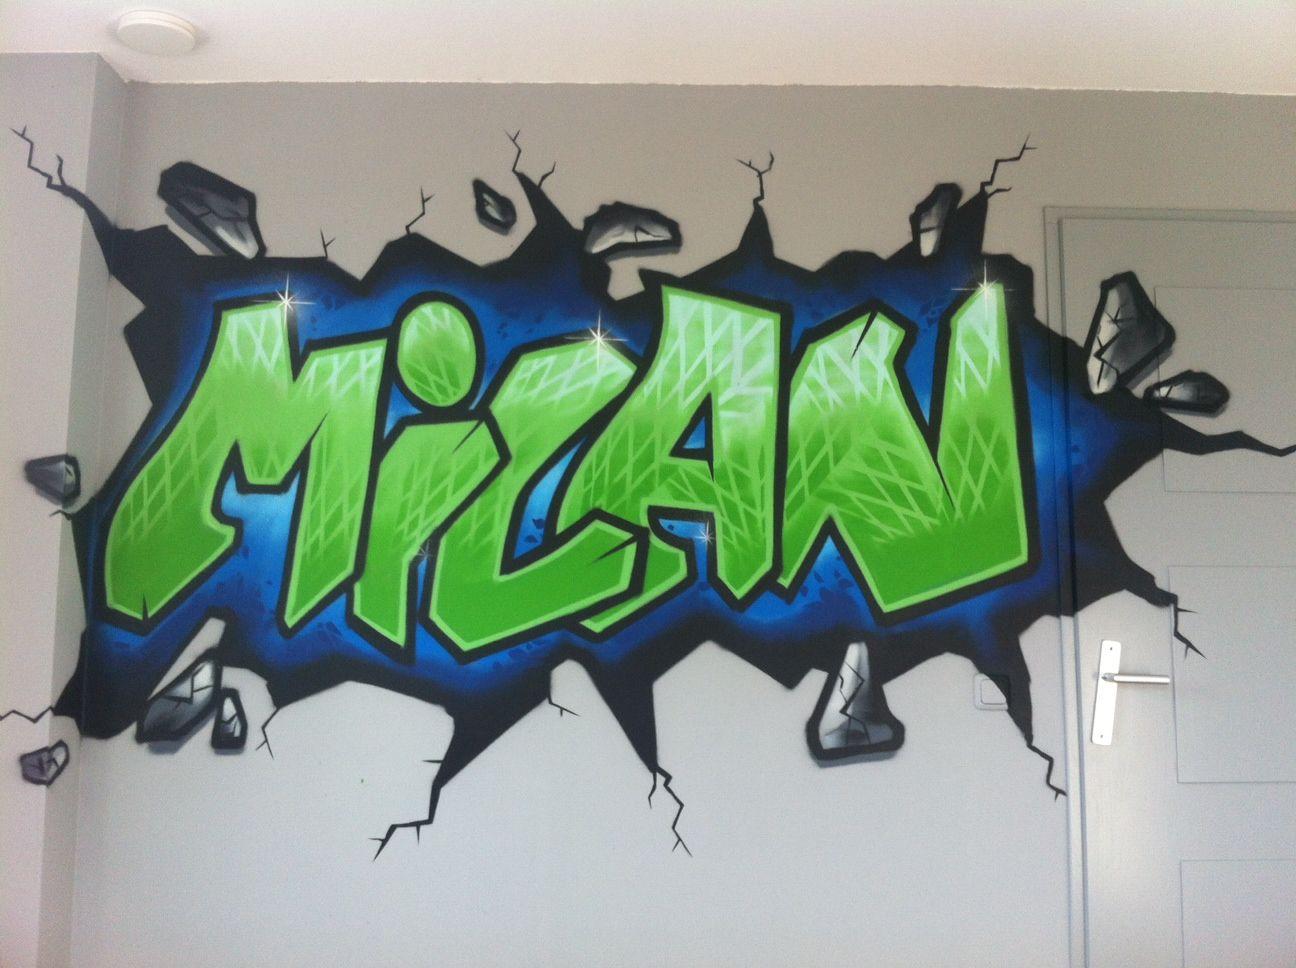 Graffiti kinderkamer muurschildering tienerkamer seventh